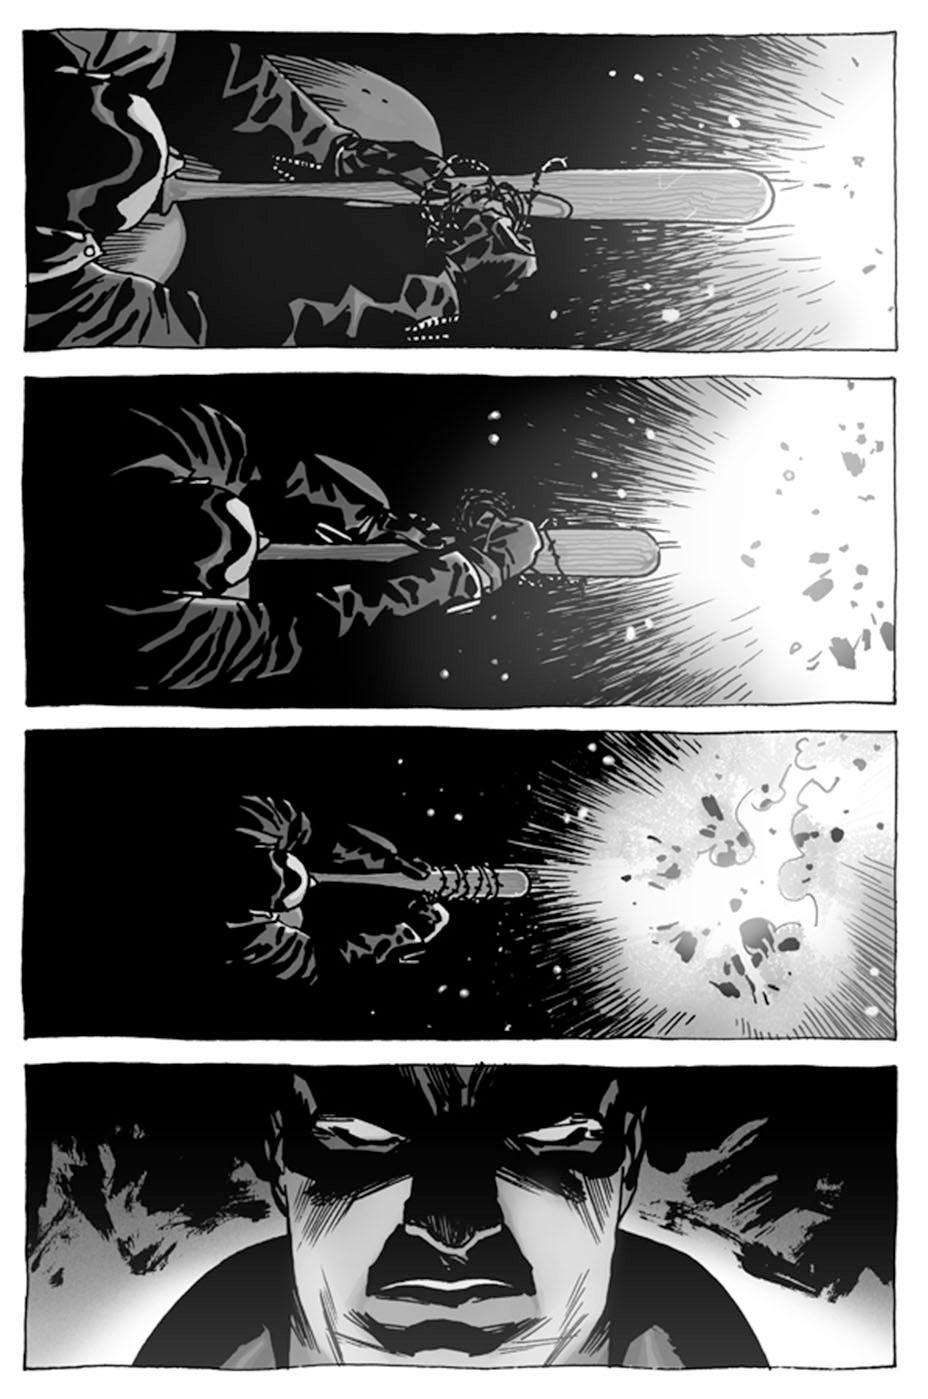 The Walking Dead Comic Is Finally Revealing Negan's Backstory